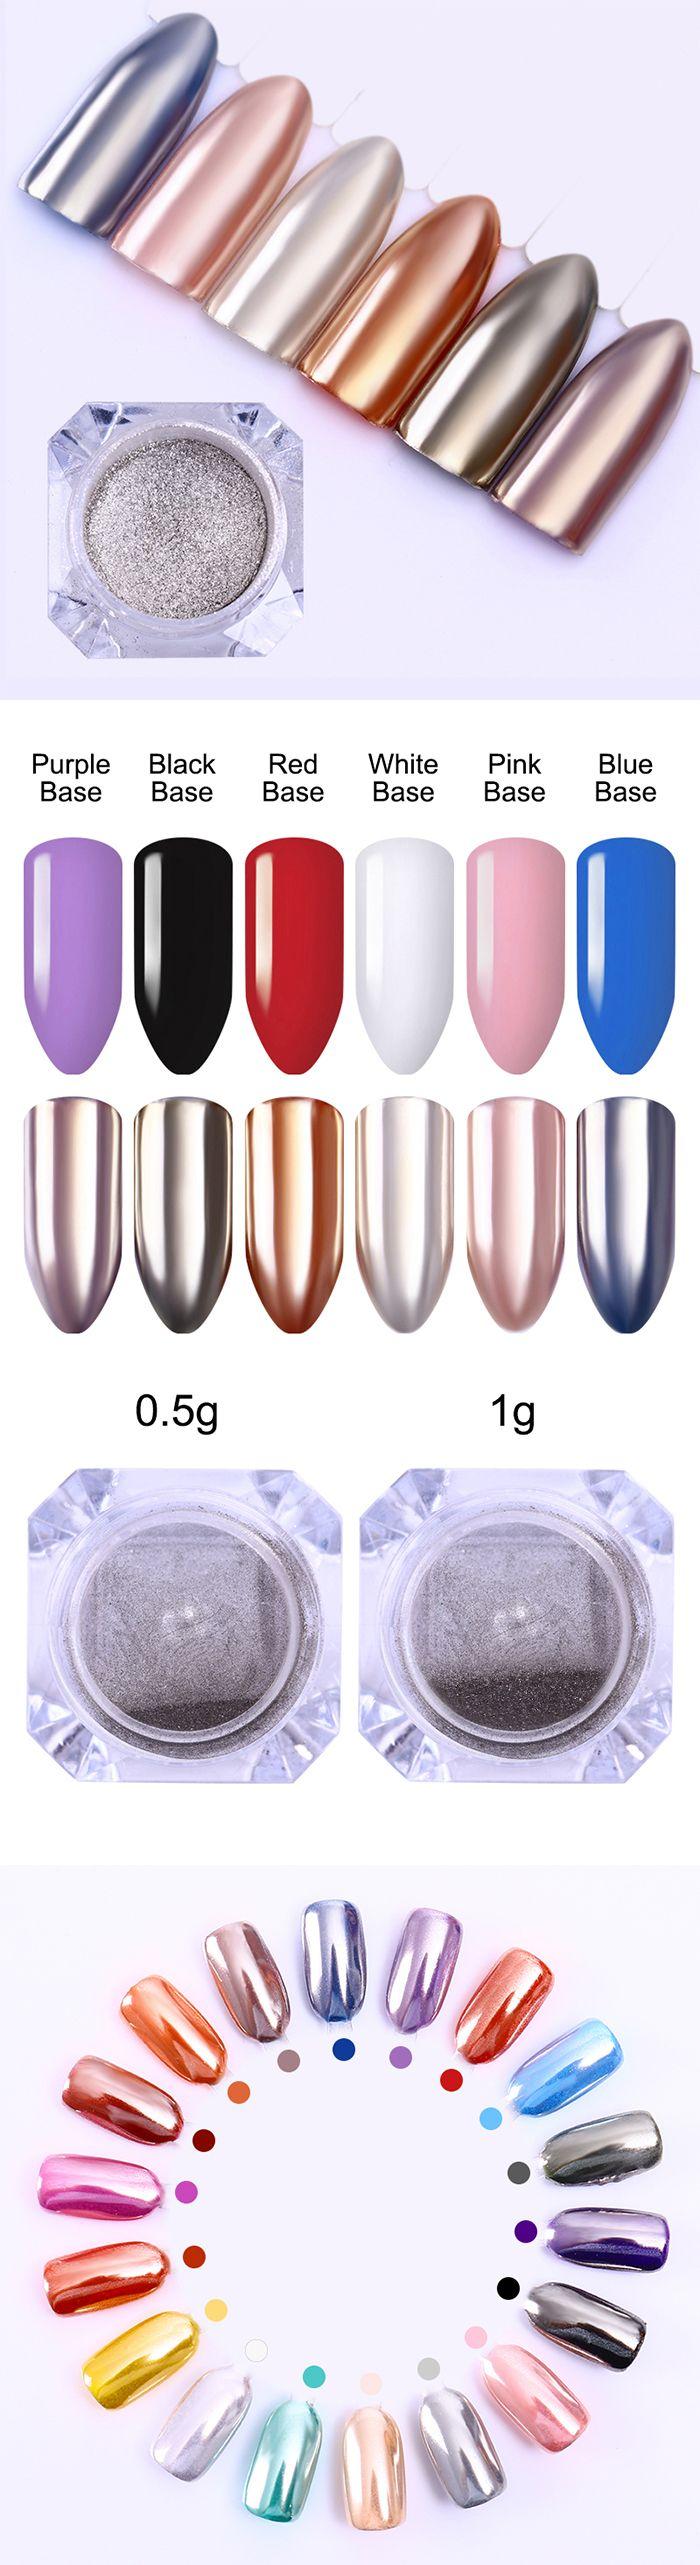 $1.49 1 Box BORN PRETTY Mirror Silver Nail Powder Shining Chrome Pigment Manicure Nail Art Glitter Dust - BornPrettyStore.com